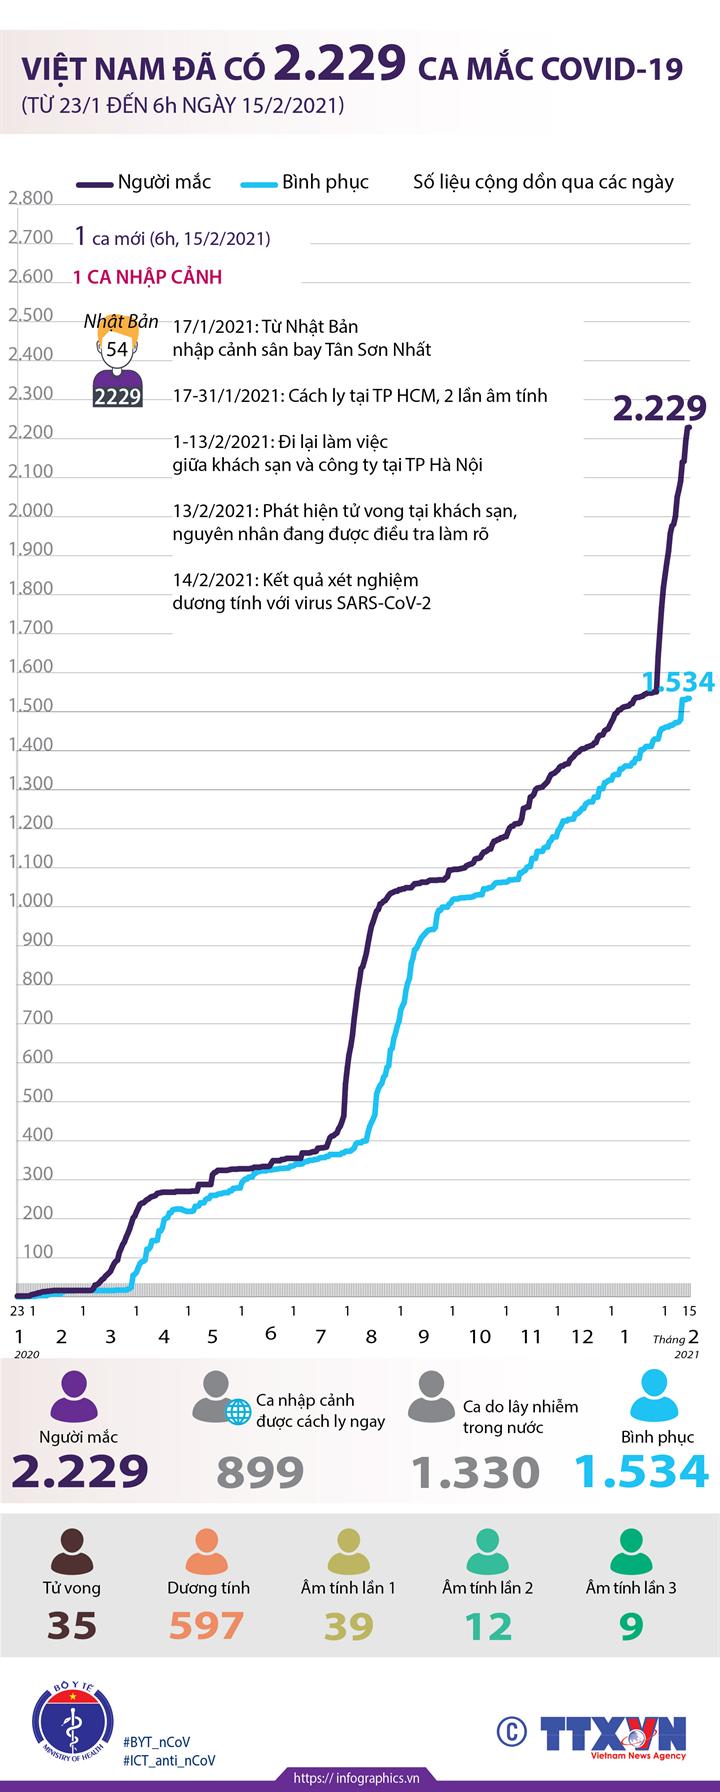 Việt Nam đã có 2.229 ca mắc COVID-19 (từ 23/1/2020 đến 6h ngày 15/2/2021)